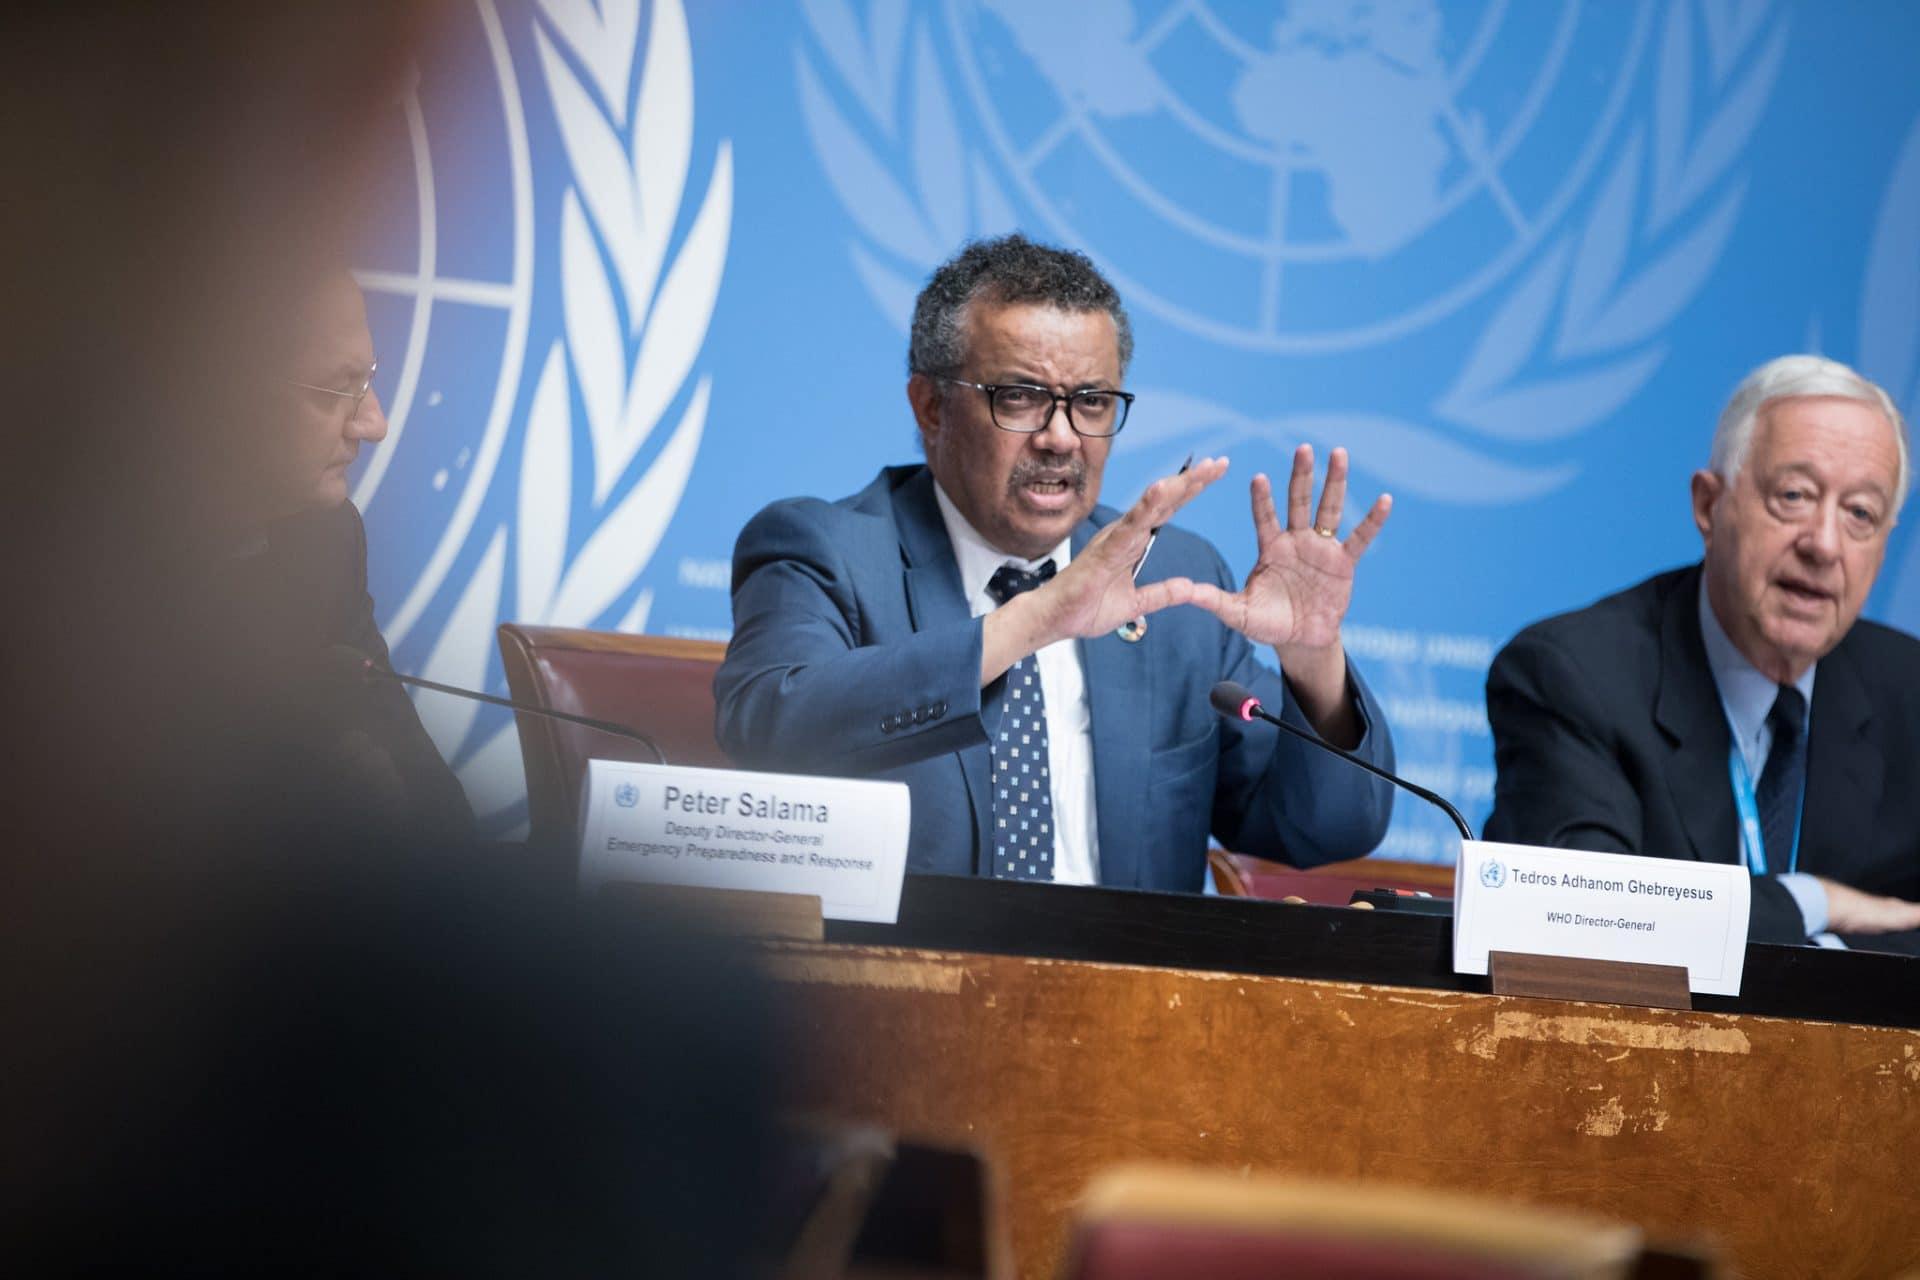 Tedros Adhanom Ghebreyesus at a press conference.